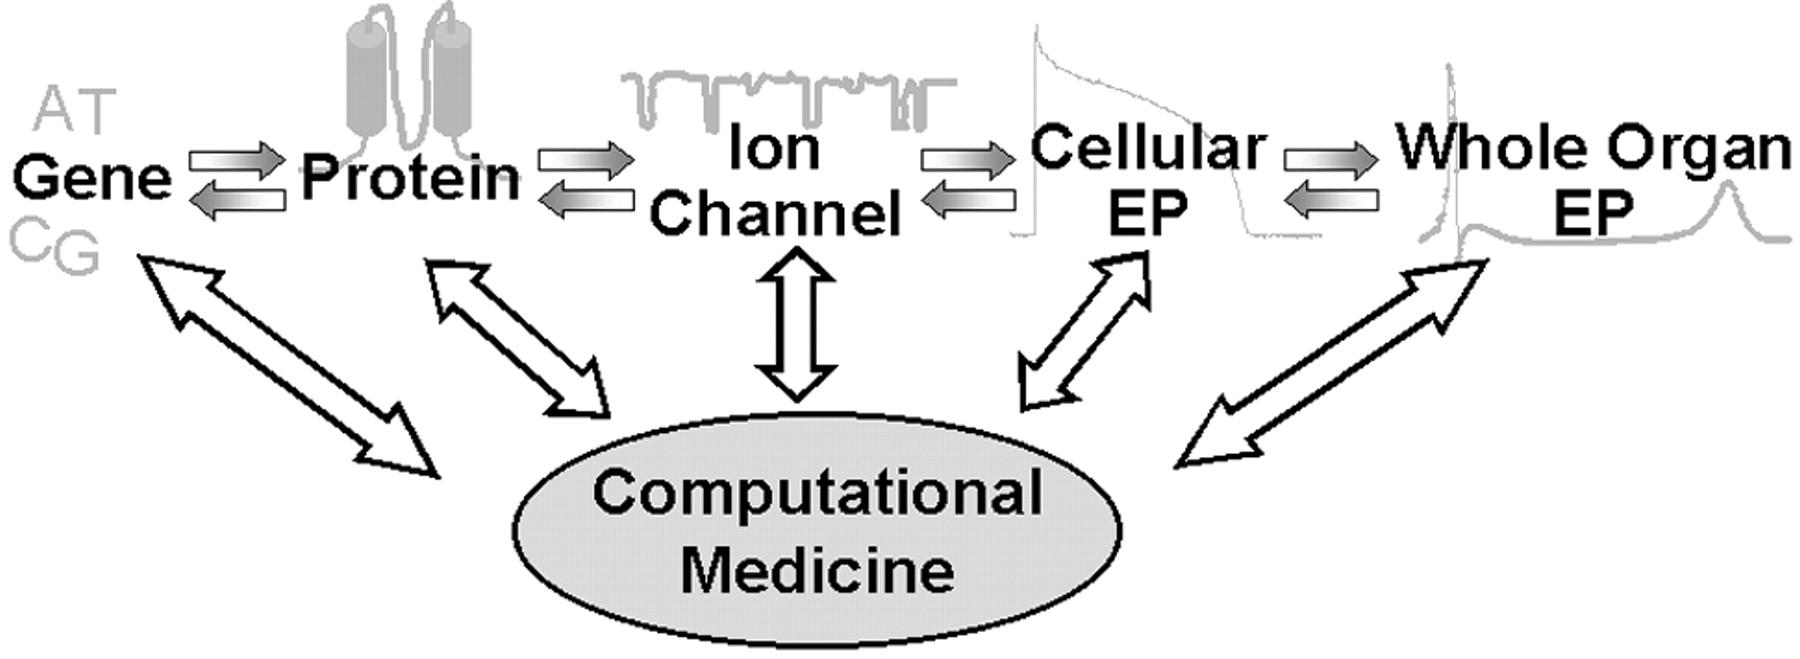 KIT - Mitarbeiter - Alumni - Elektrophysiologische Auswirkungen von ...